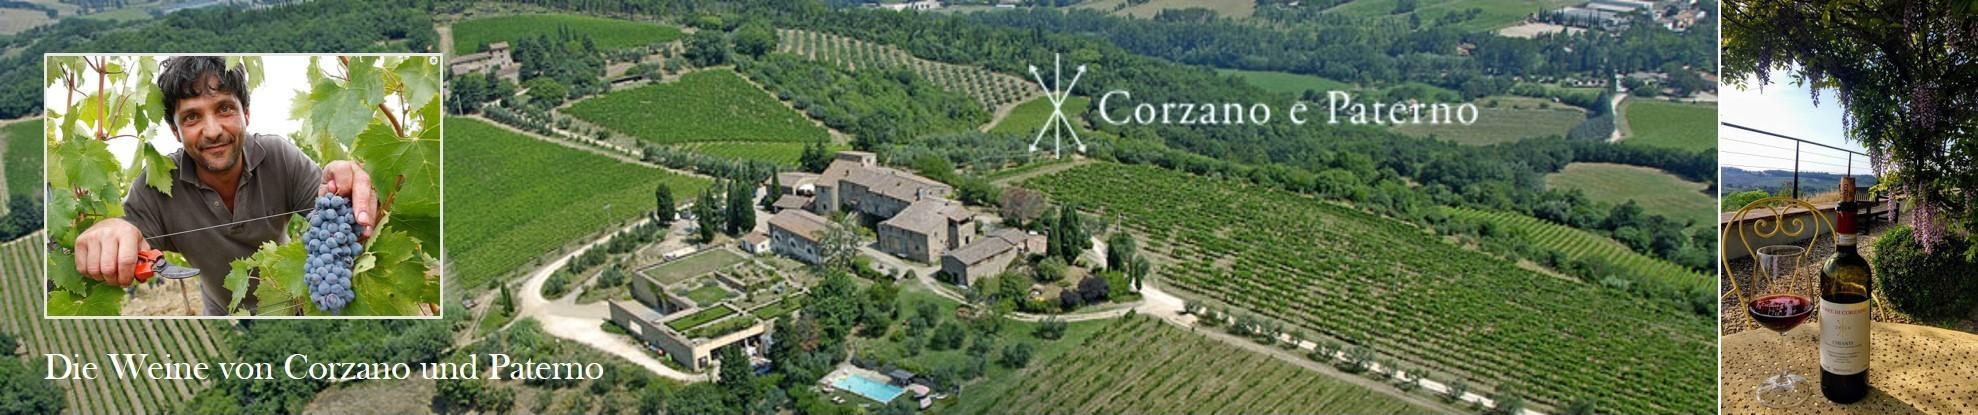 Corzano-Paterno